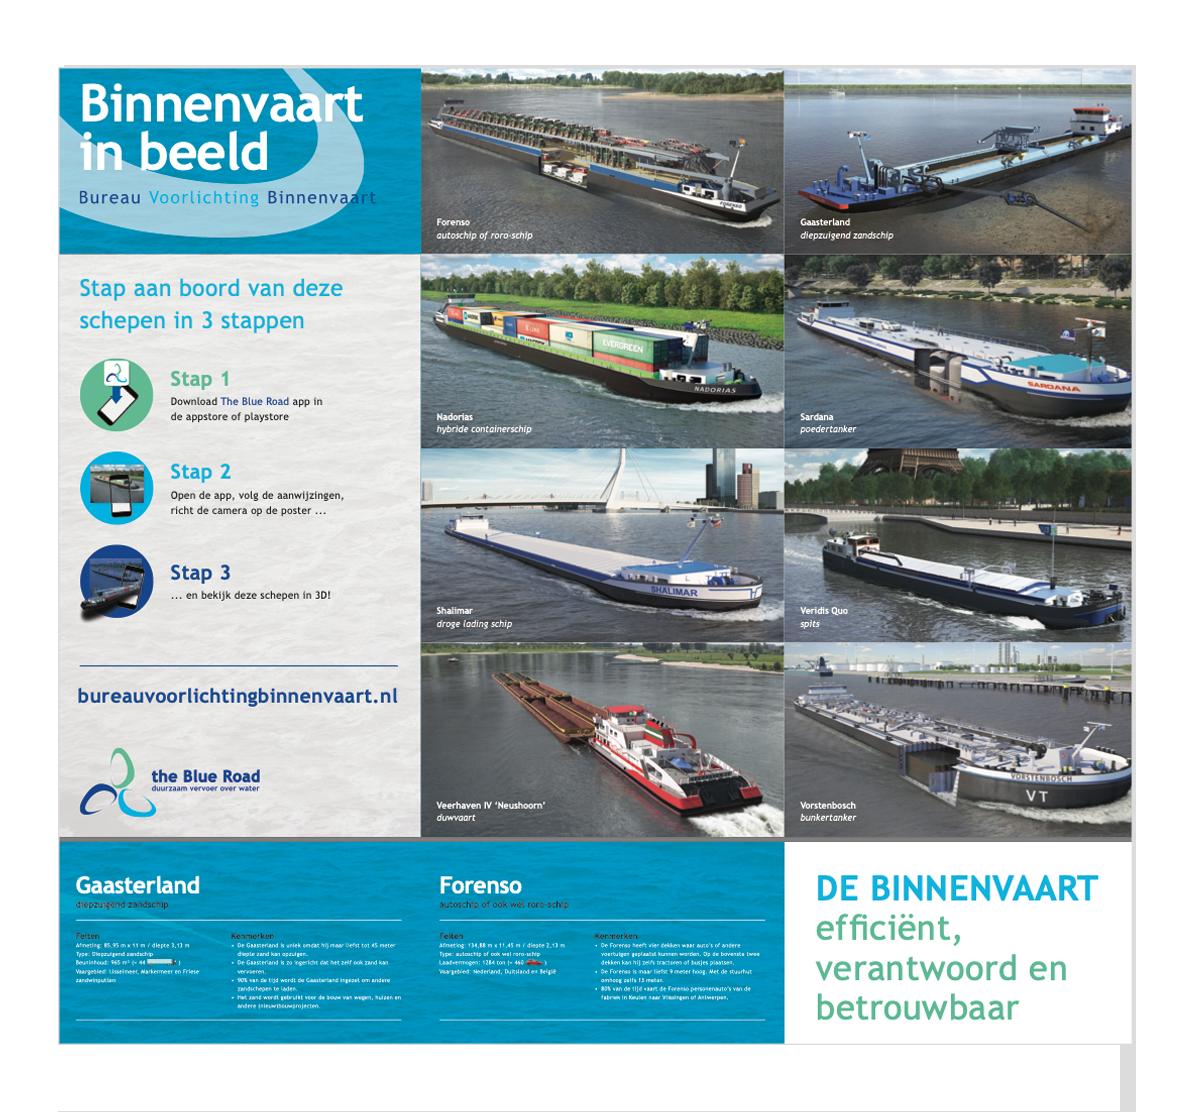 Containers van weg naar binnenvaart | BVB binnenvaart in beeld